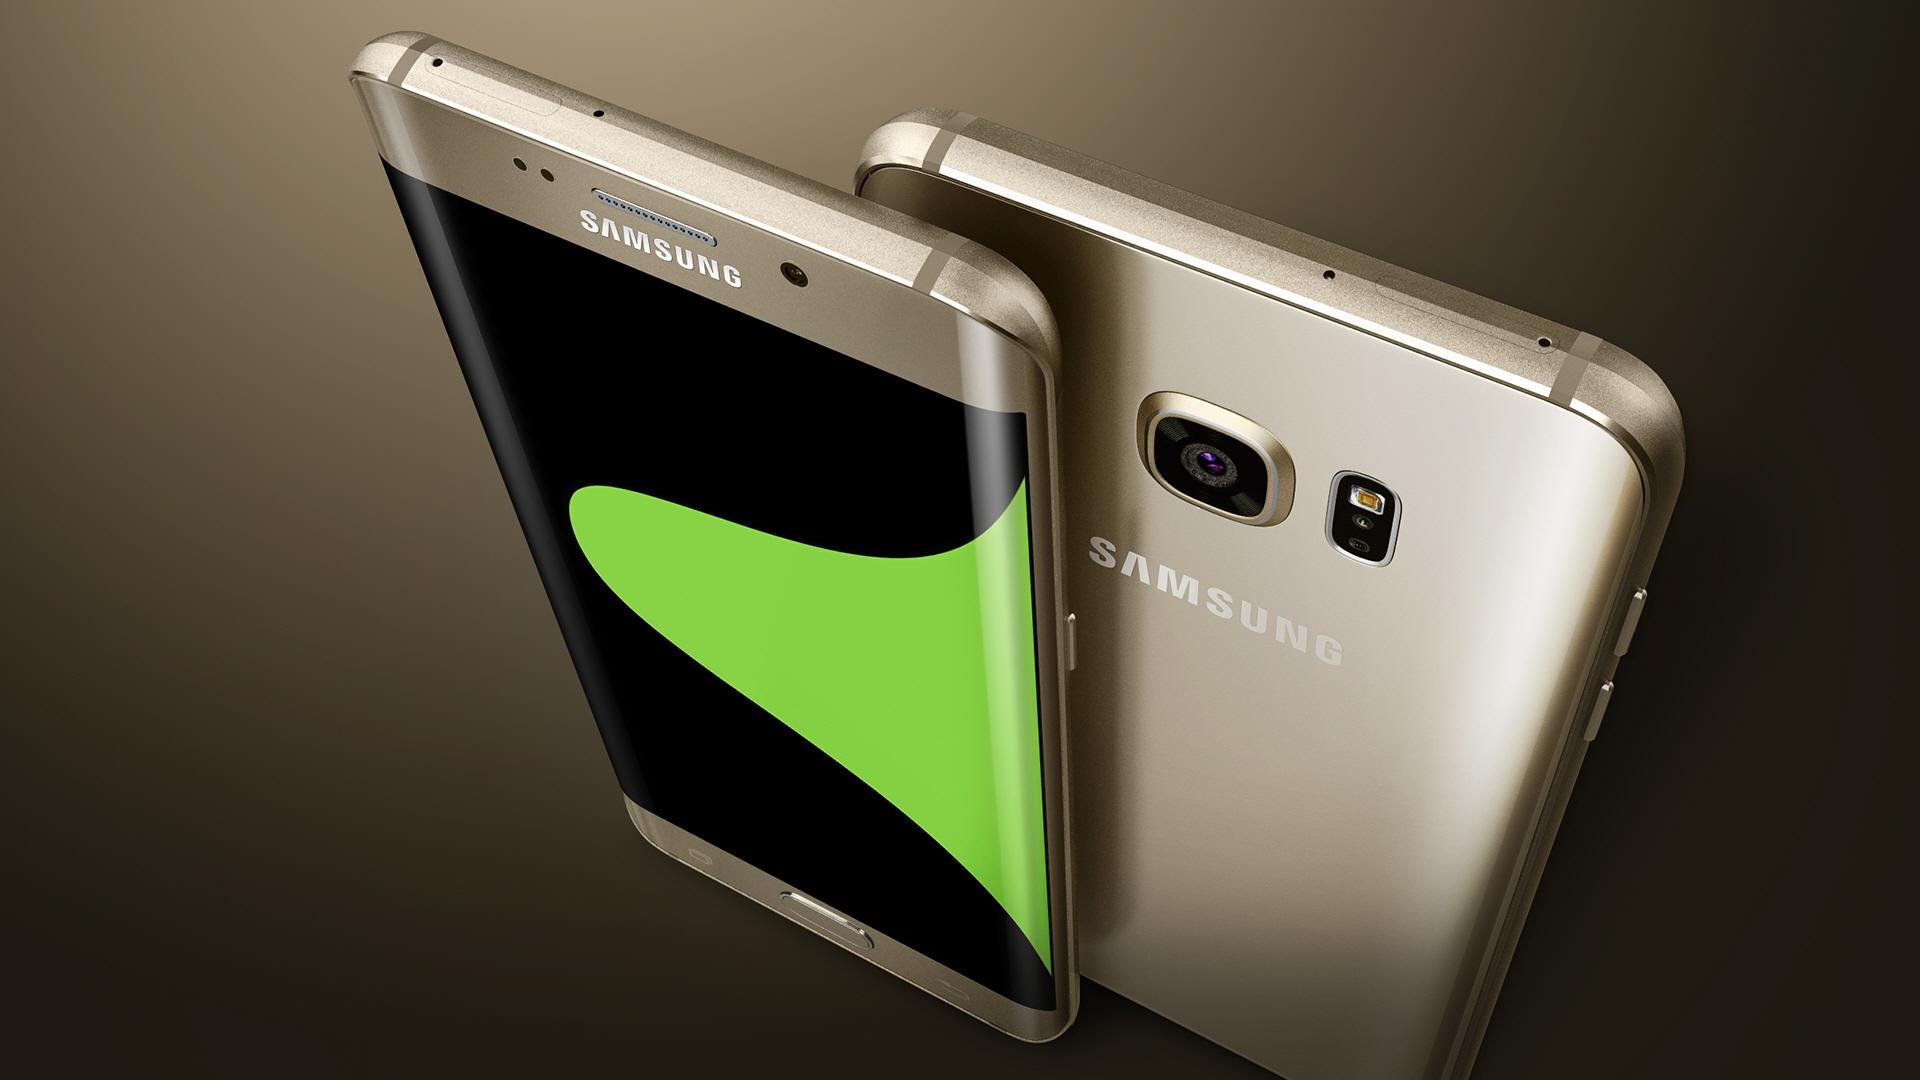 Samsung Galaxy S6 Edge eletto miglior smartphone 2015